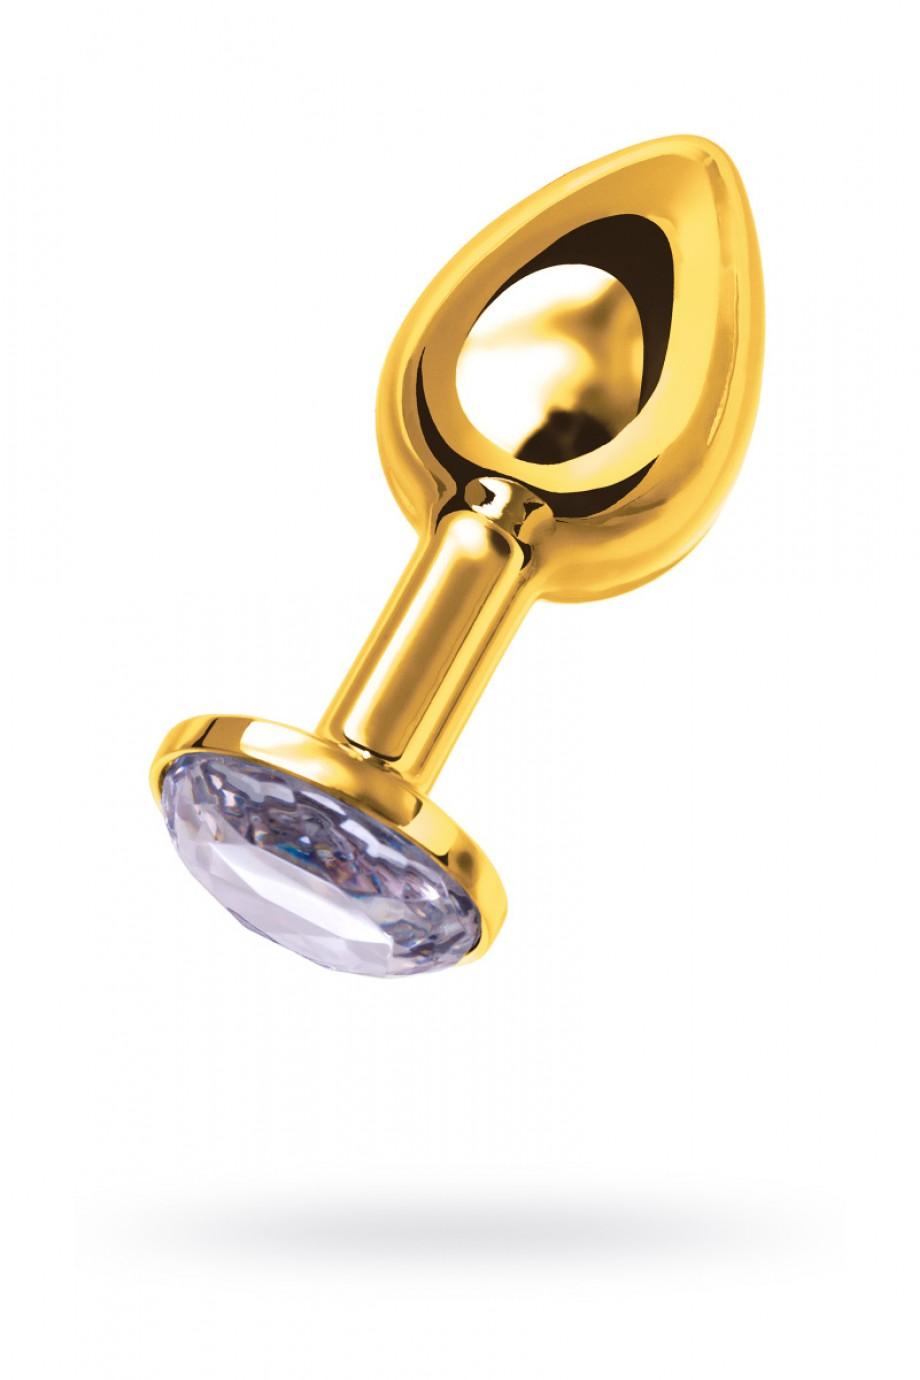 Анальная пробка Metal by TOYFA, металл, золотистая, с белым кристаллом, Ø 3 см